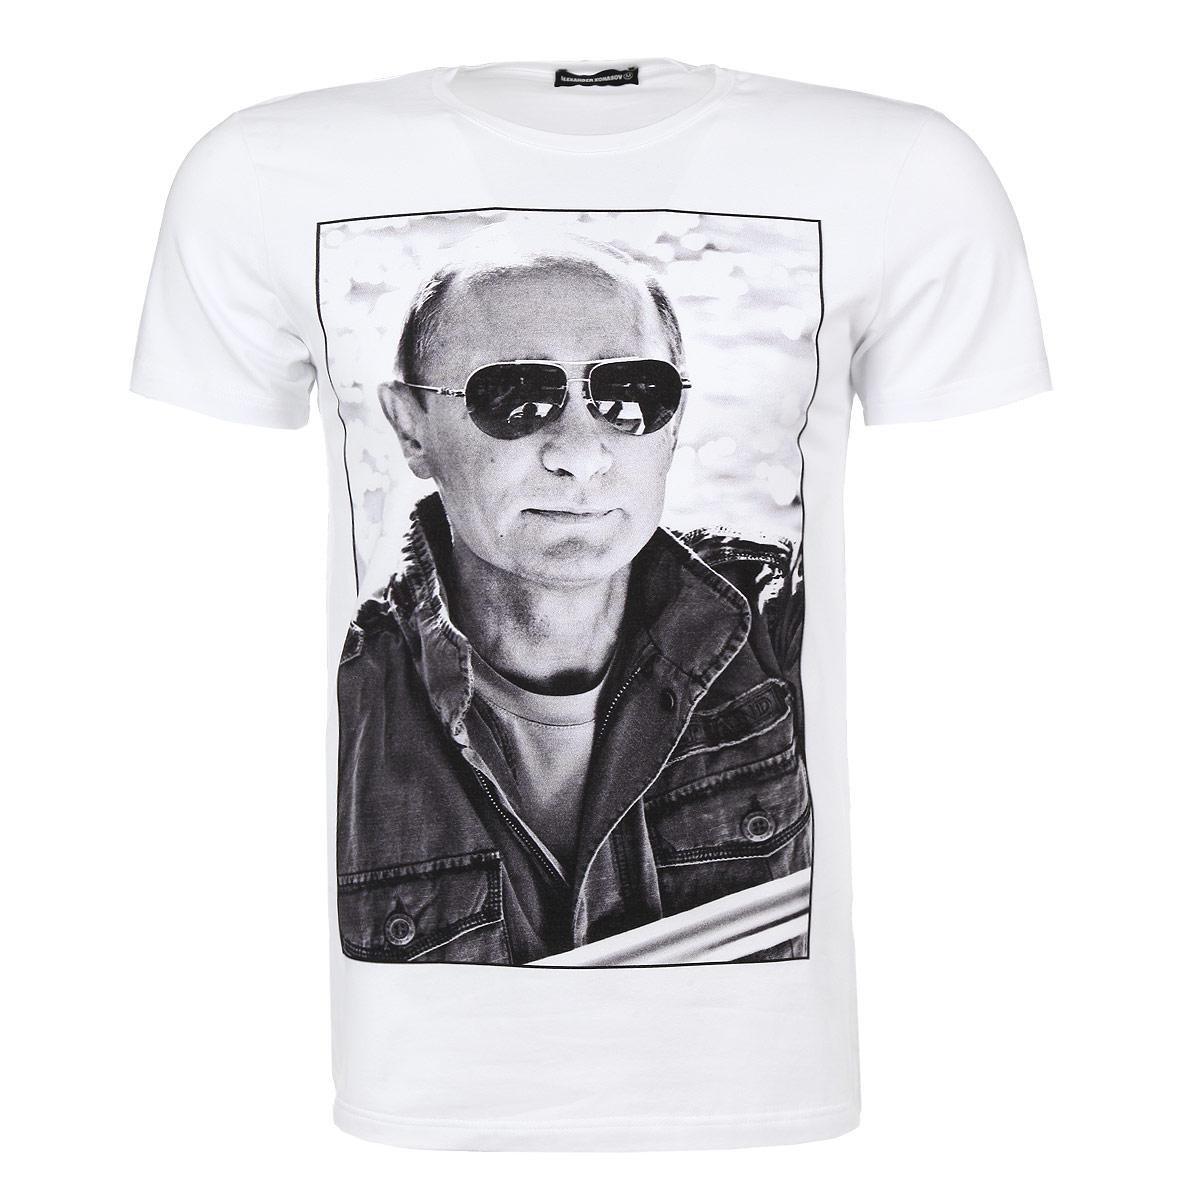 ФутболкаПутин в очкахСтильная мужская футболка Alexander Konasov, выполненная из высококачественного мягкого хлопка с небольшим добавлением лайкры, обладает высокой теплопроводностью, воздухопроницаемостью и гигроскопичностью, позволяет коже дышать. Модель с короткими рукавами и круглым вырезом горловины оформлена фотопринтом с изображением Путина в солнцезащитных очках. Эта футболка - идеальный вариант для создания эффектного образа. Все изделия бренда Alexander Konasov кроятся только по лекалам из высококачественной ткани, идеально сидят на фигуре, после стирки не деформируются.